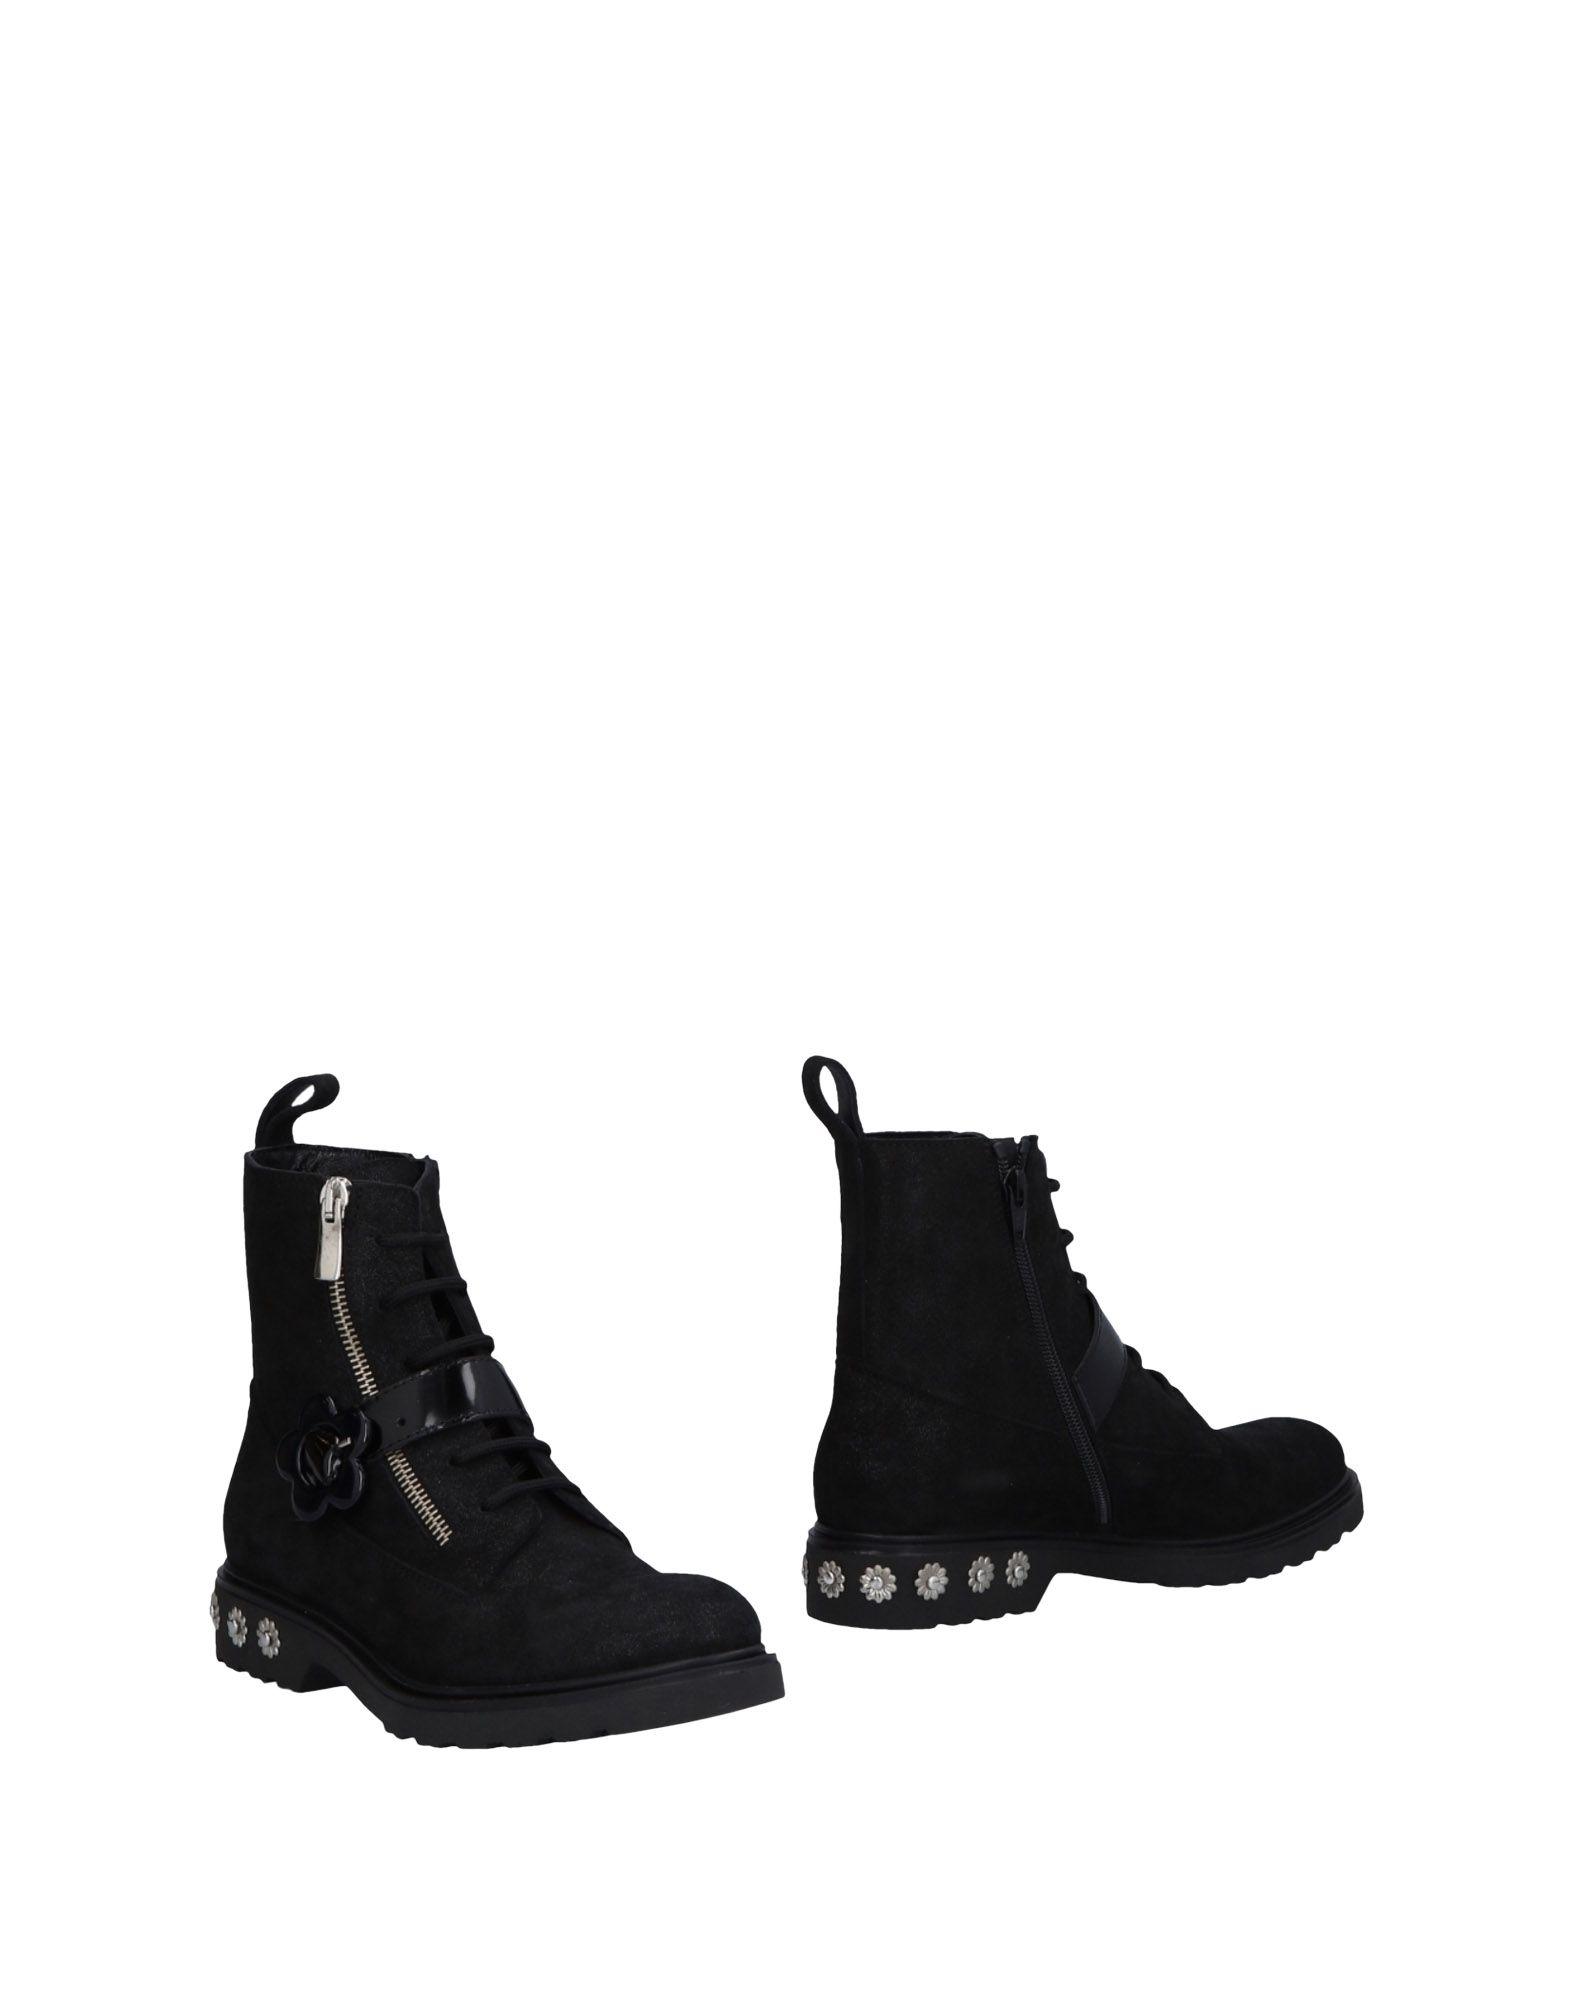 Giancarlo Paoli Stiefelette strapazierfähige Damen  11474727WUGut aussehende strapazierfähige Stiefelette Schuhe 272589